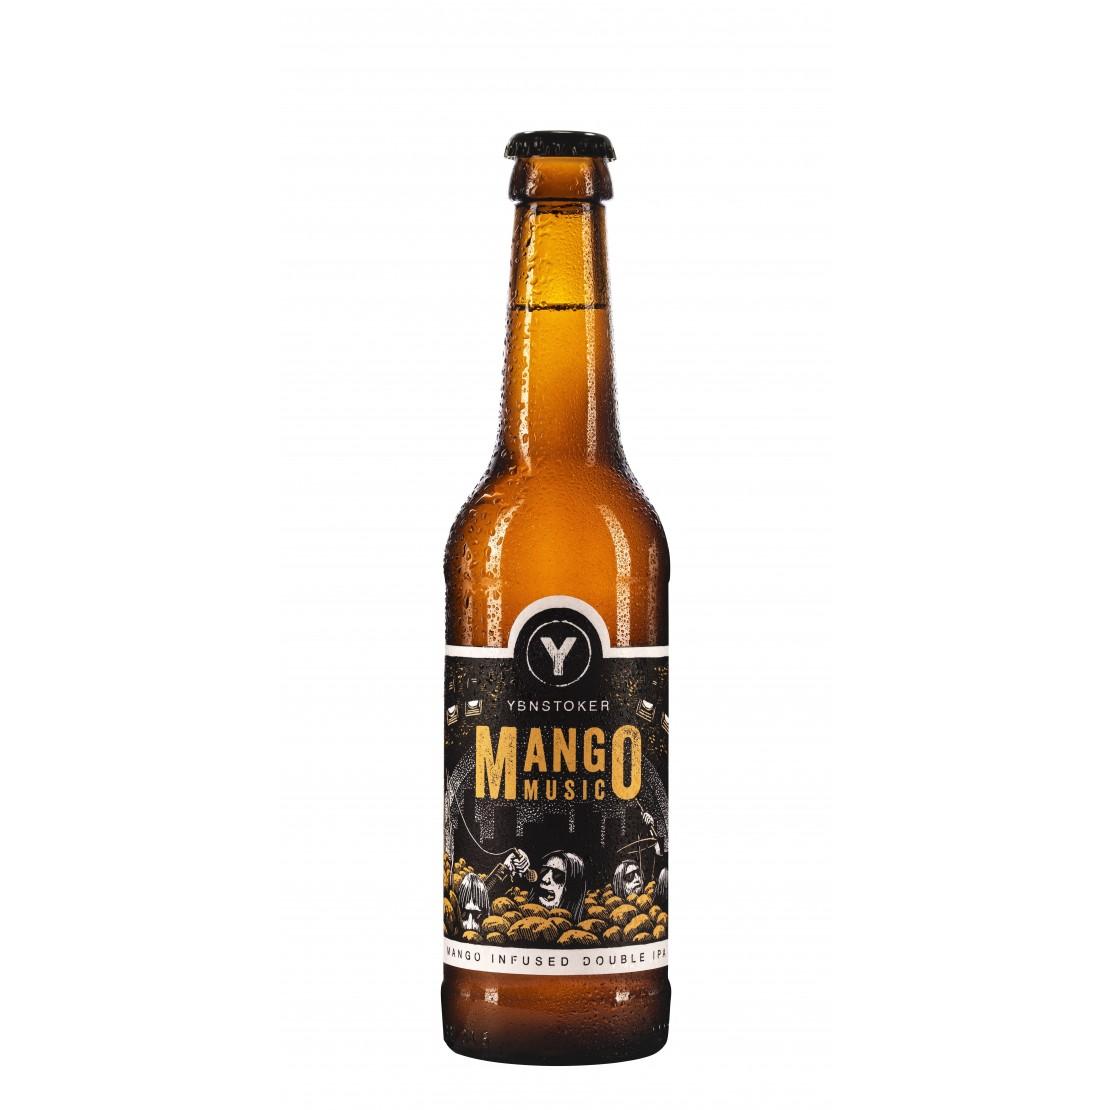 Ybnstoker Mango Music 0,33L